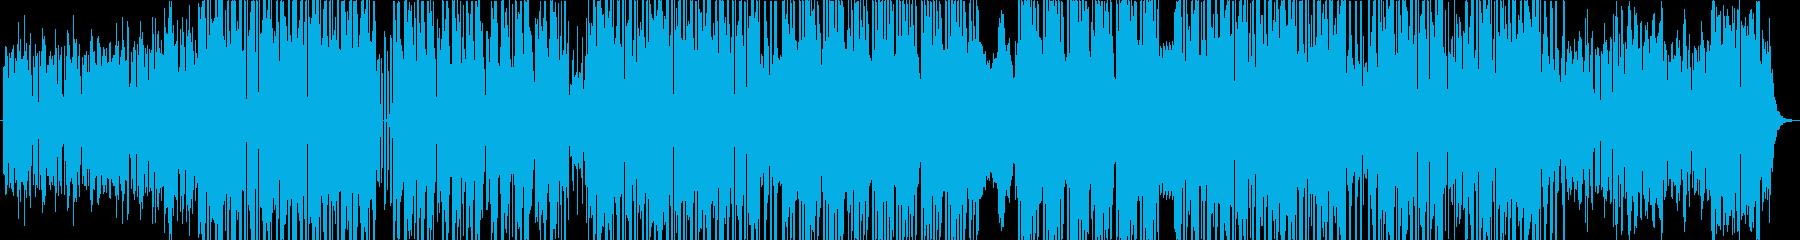 シンプルなシンセリードのダンスナンバーの再生済みの波形